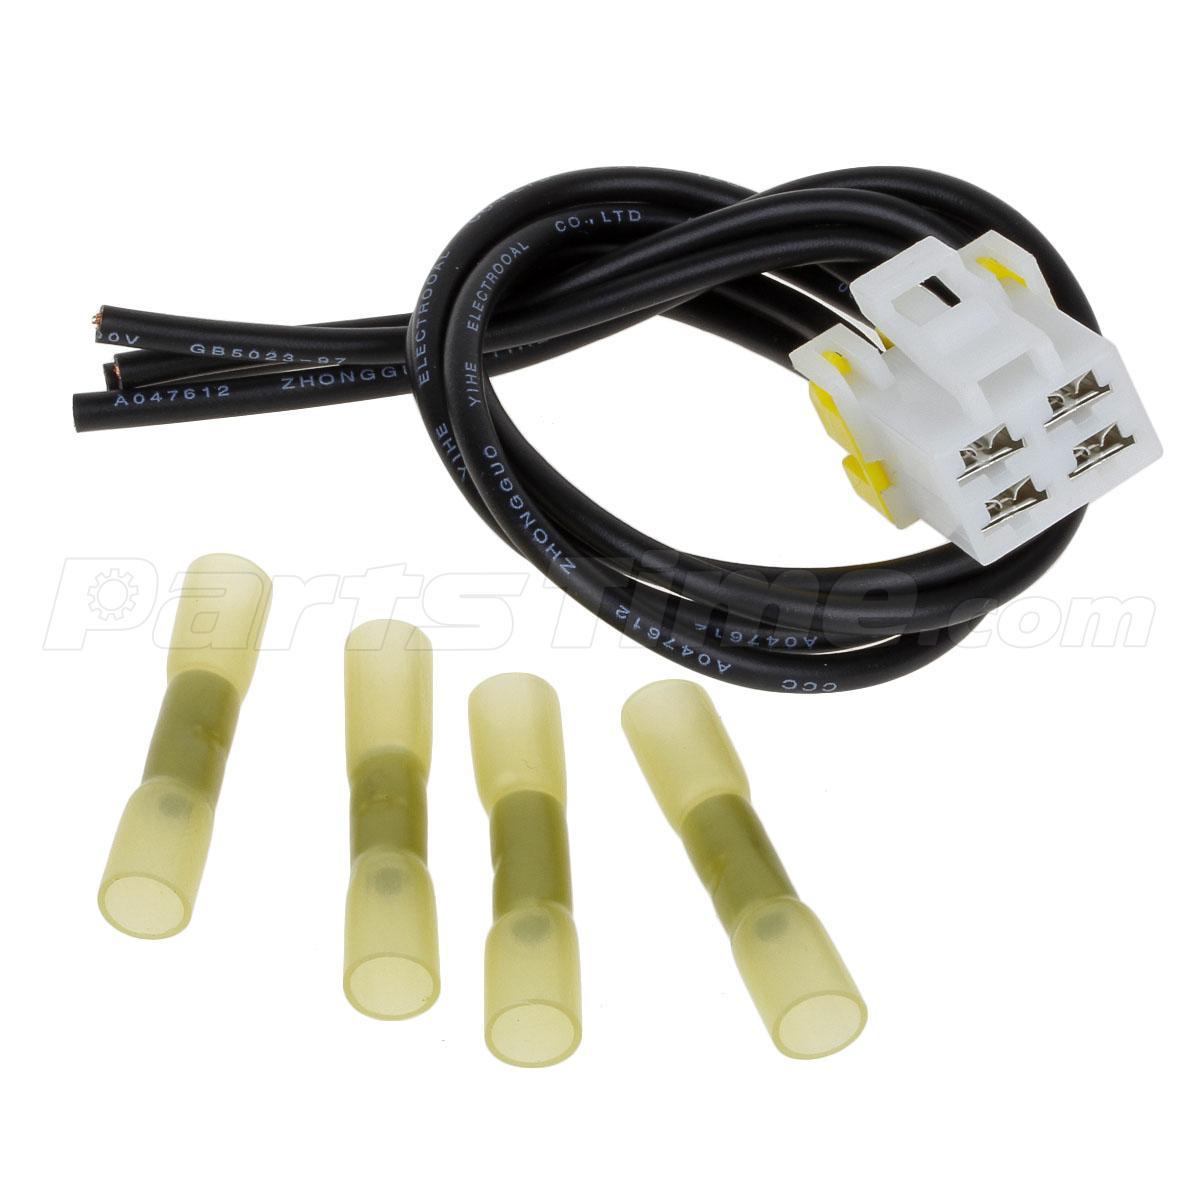 4 wire pigtail blower motor resistor plug connector for ford 7 Wire Blower Motor Resistor Harness 4 terminal connection wire pigtail blower motor resistor harness! 7-wire blower motor resistor harness